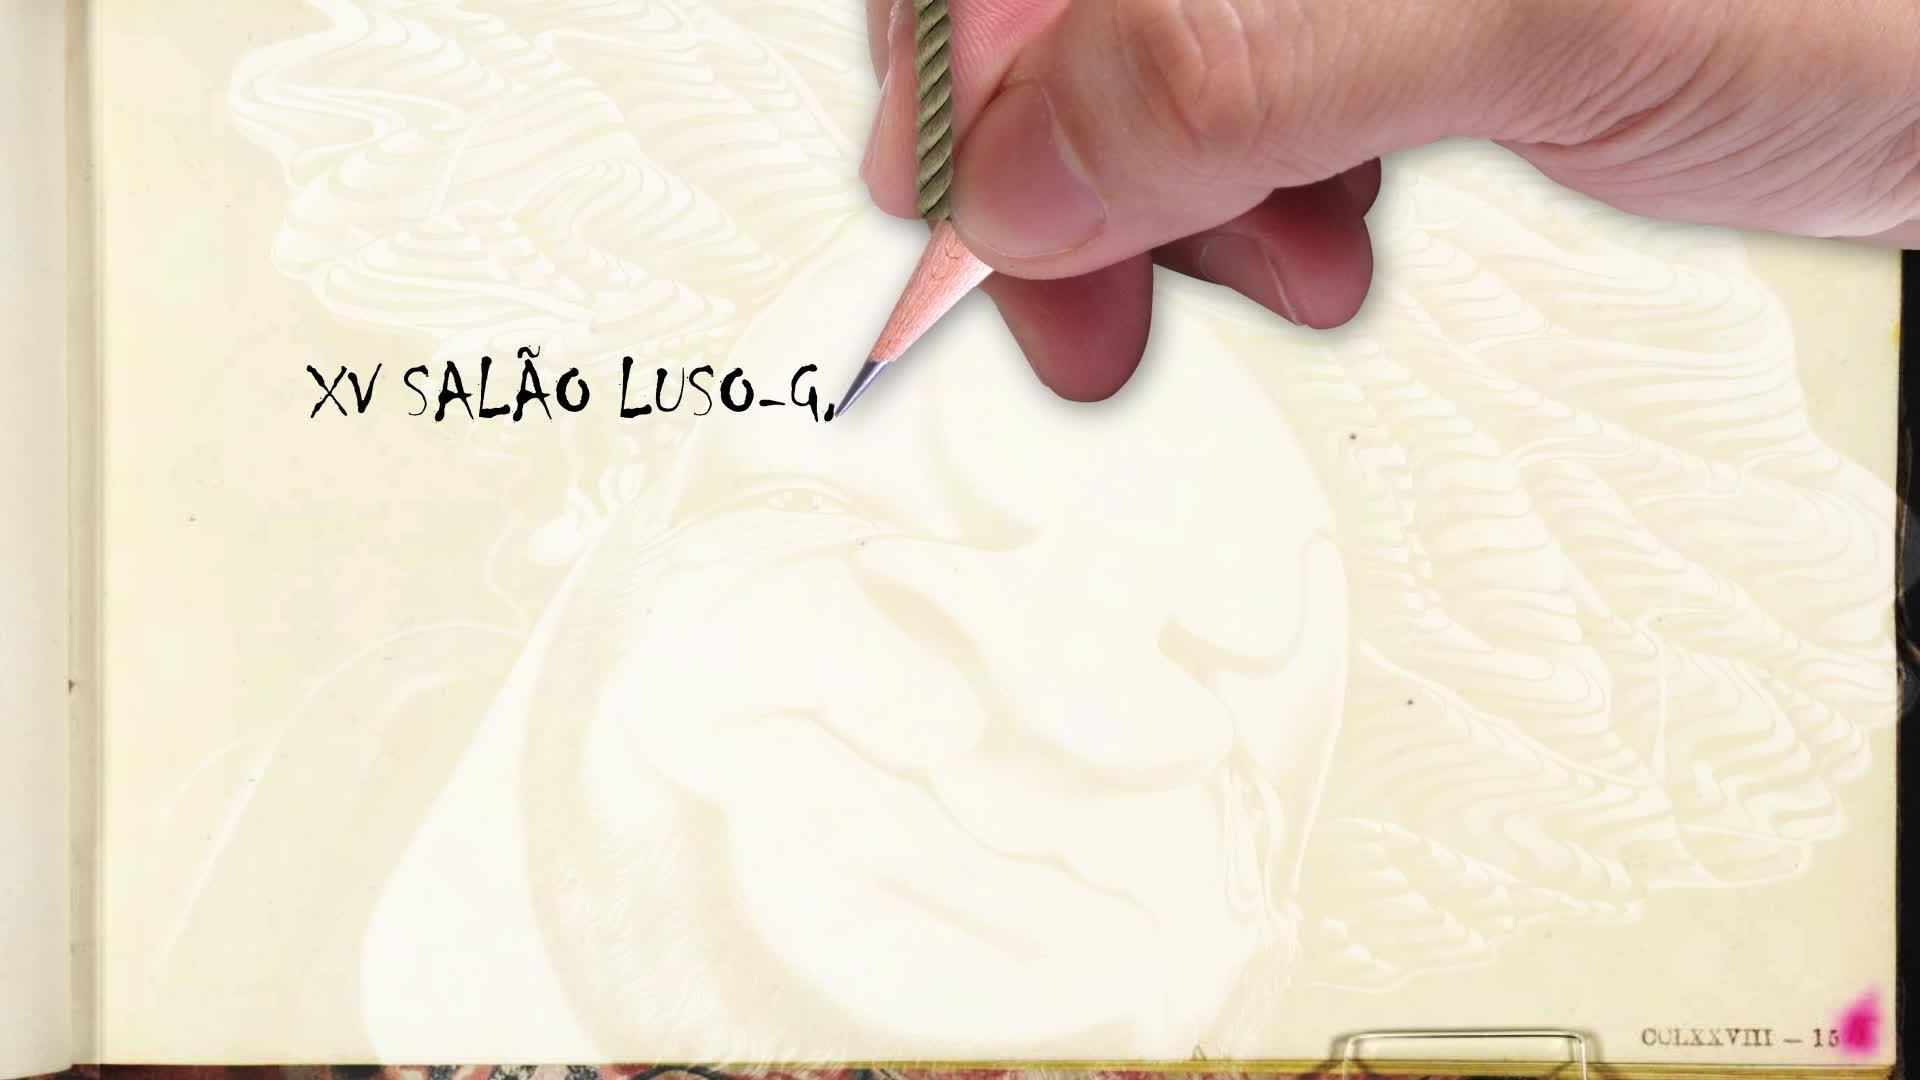 Promo - Salão Luso-Galaico de Caricatura 2013